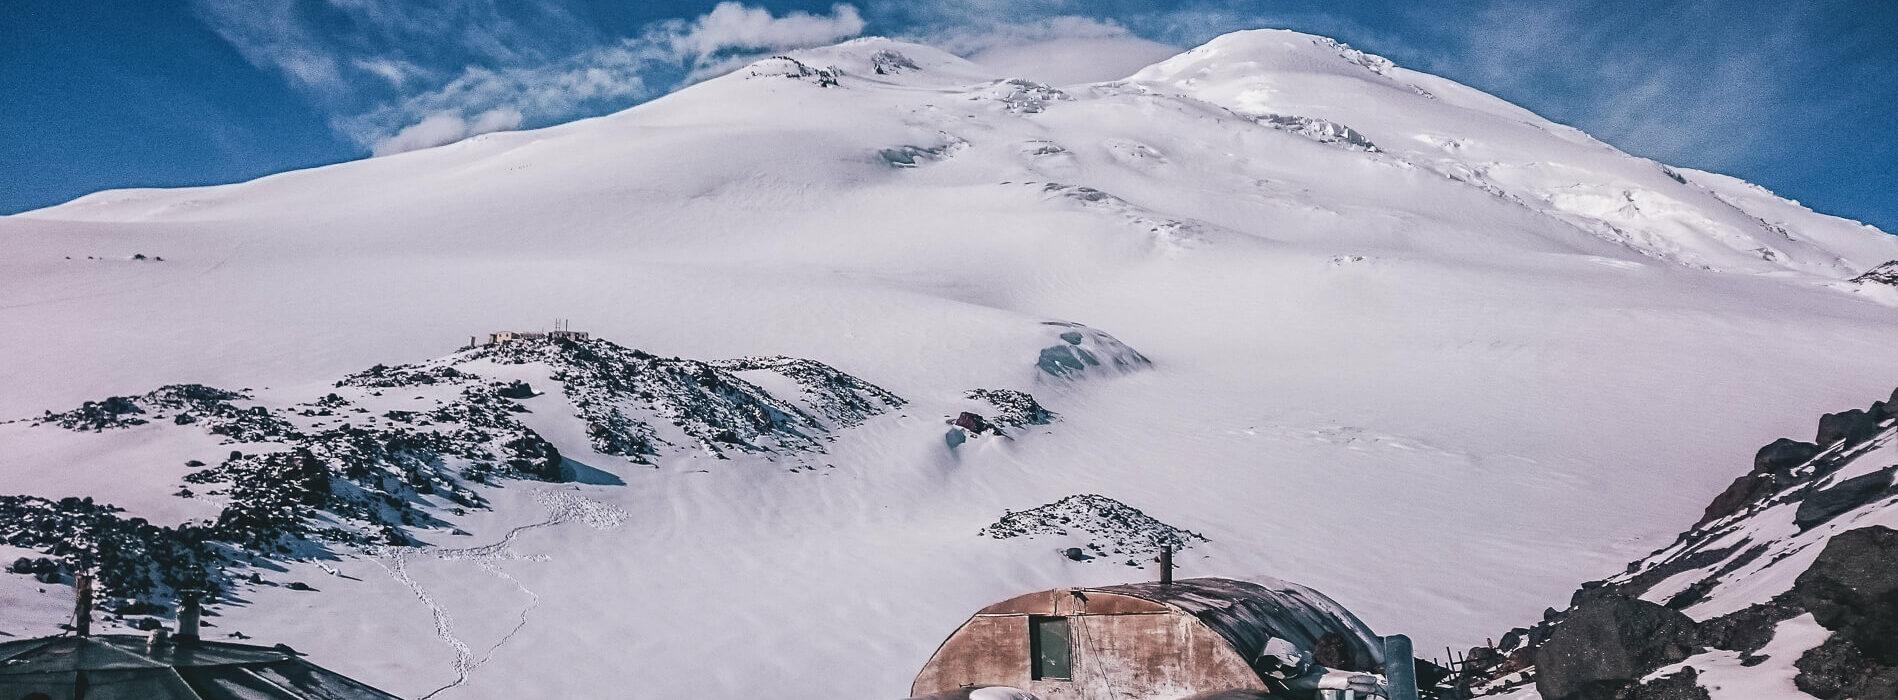 Elbrus with Earth's Edge 1